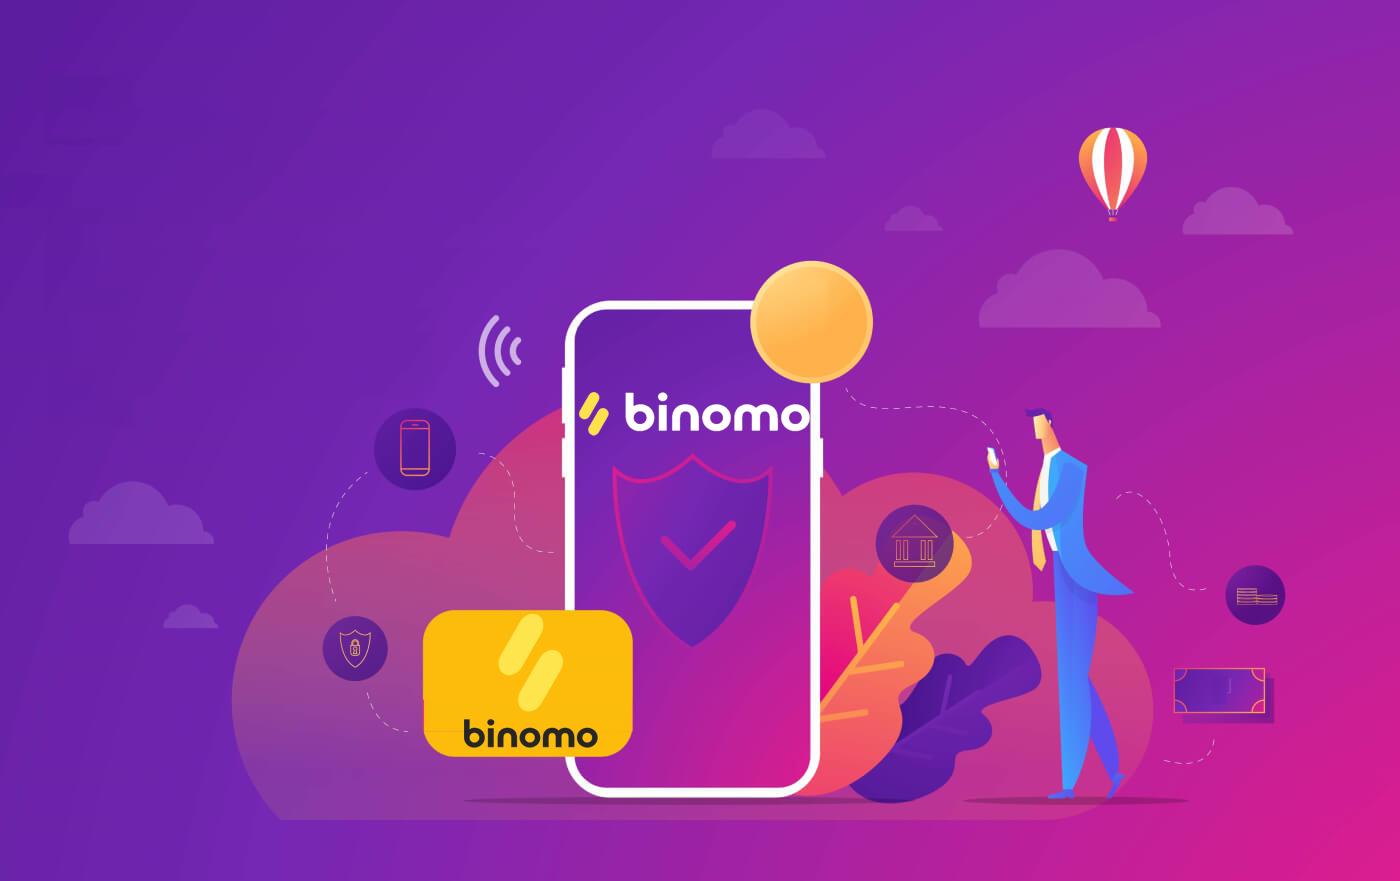 如何在 Binomo 中登录和存入资金